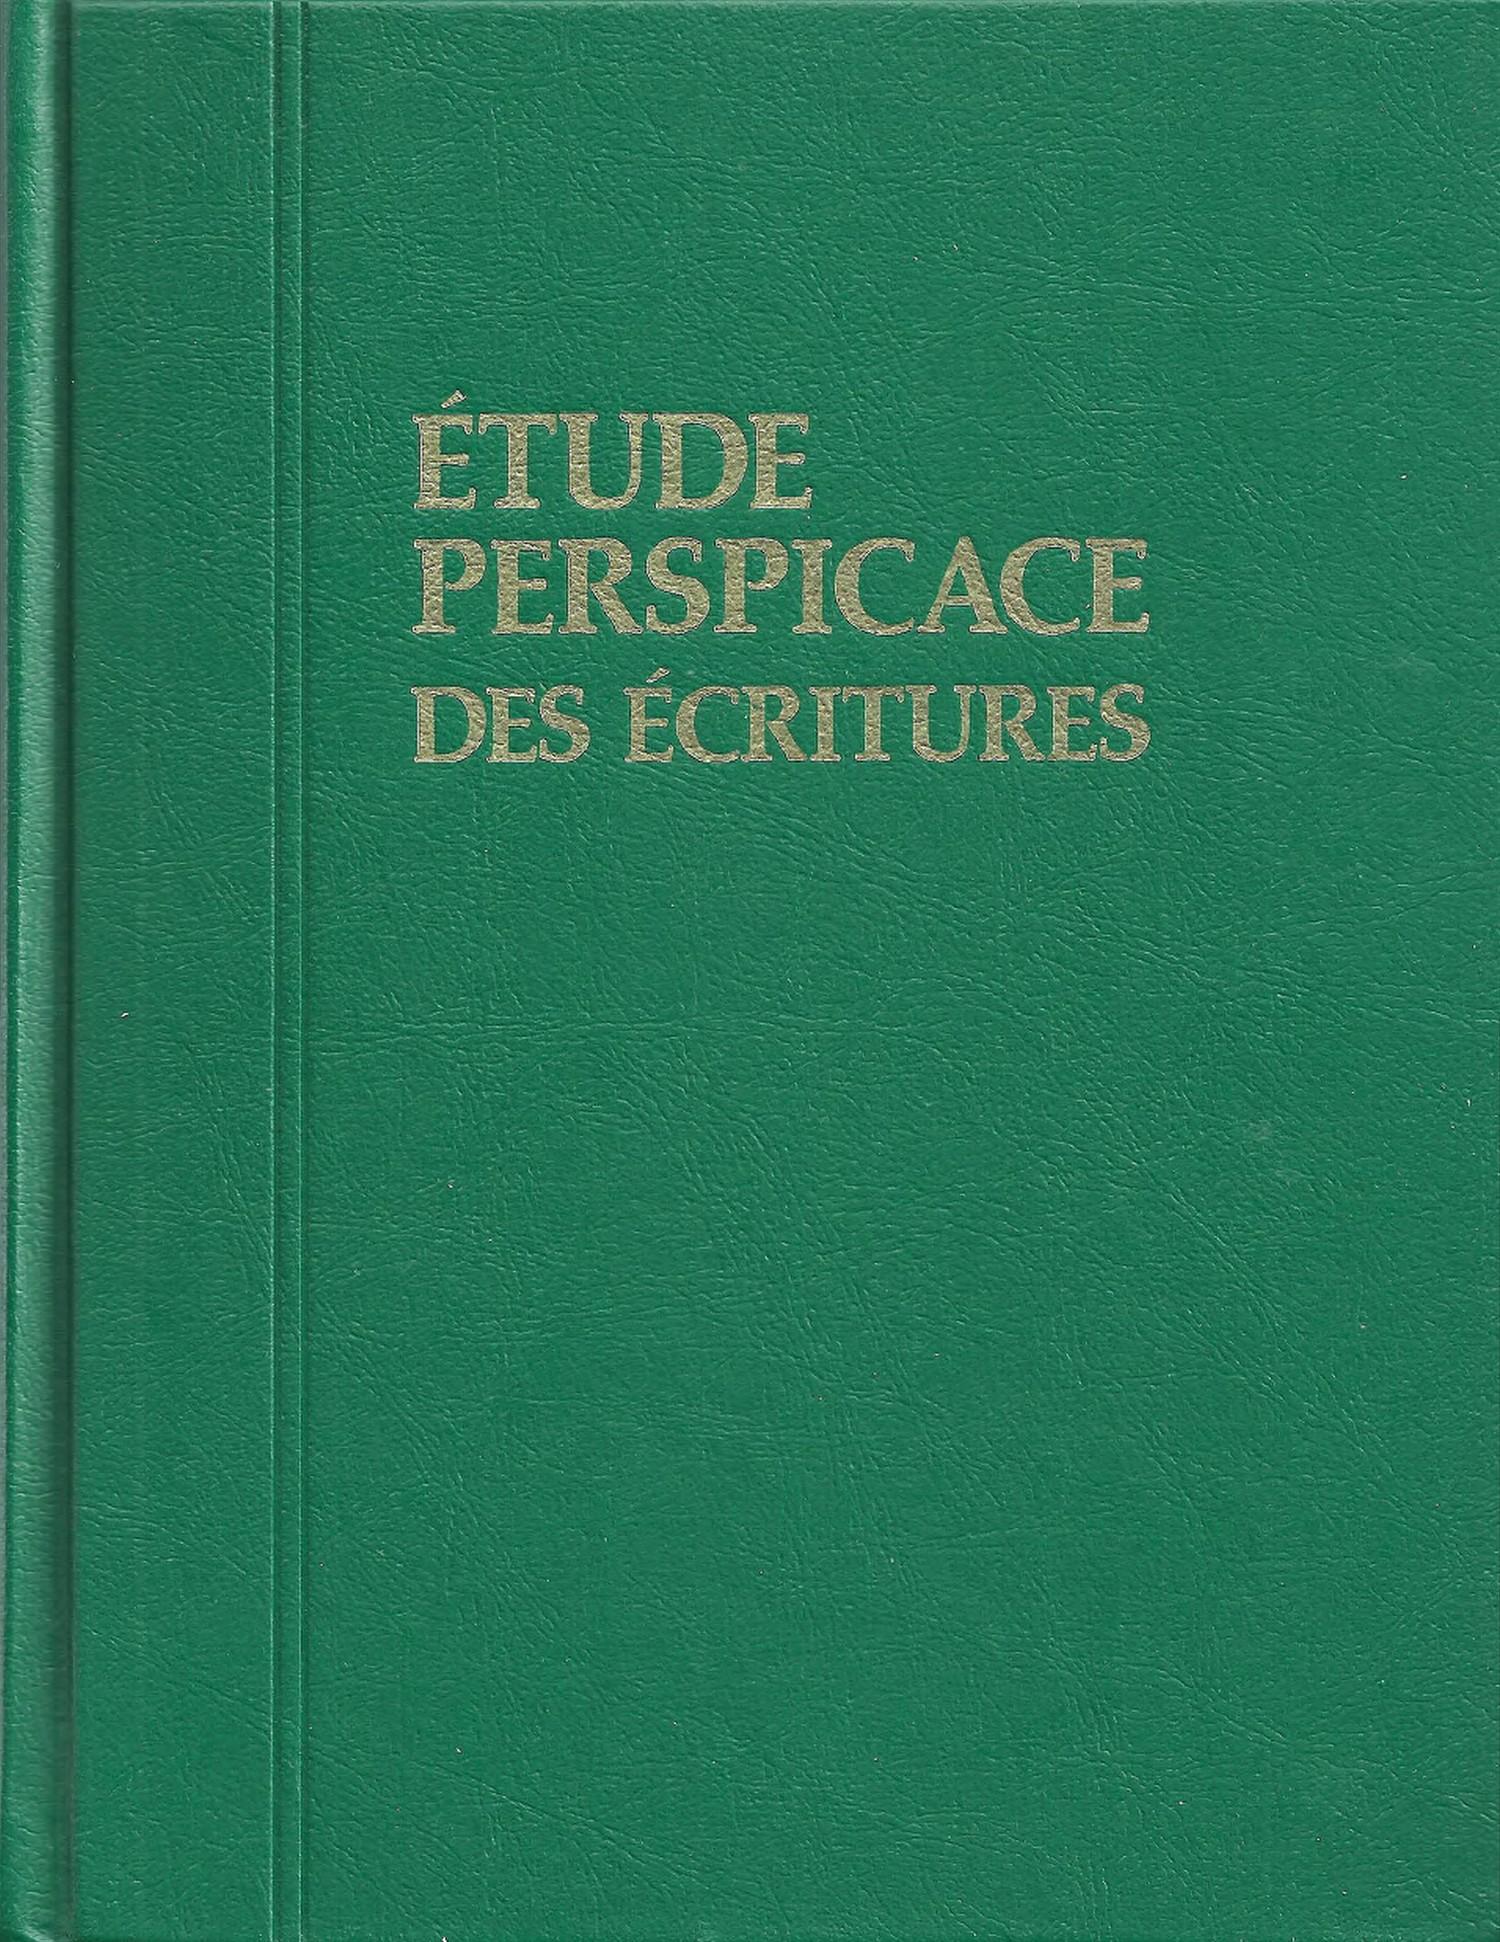 étude perspicace des écritures